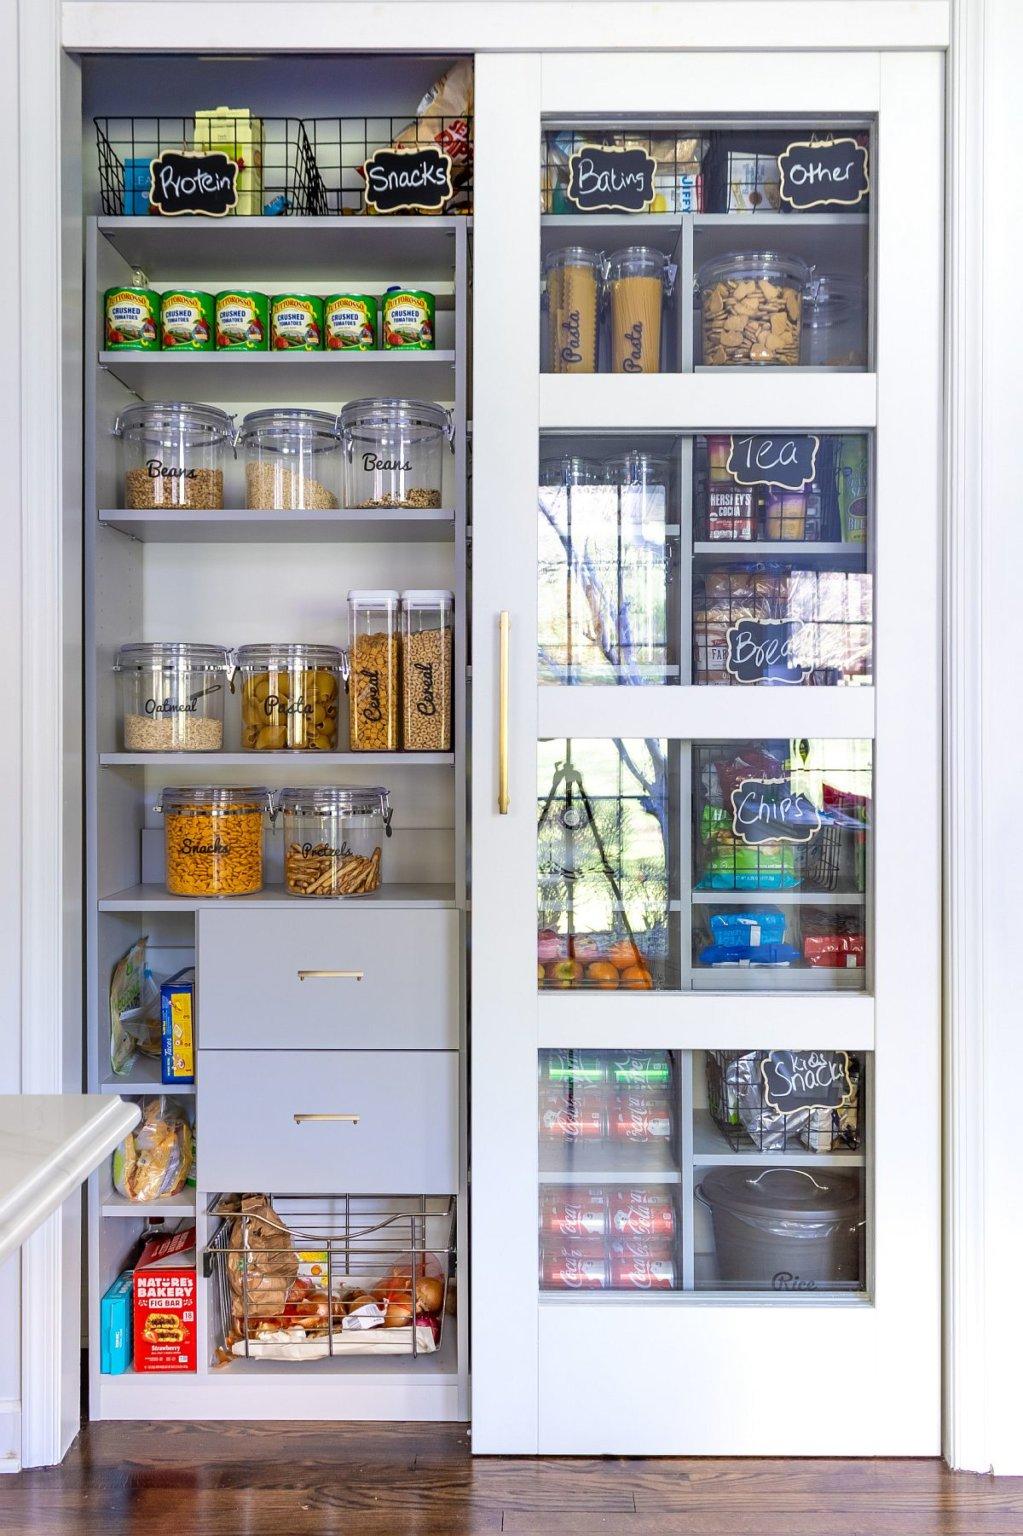 Mẫu tủ kệ lưu trữ thực phẩm, đồ khô gọn gàng, đẹp mắt trong phòng bếp.